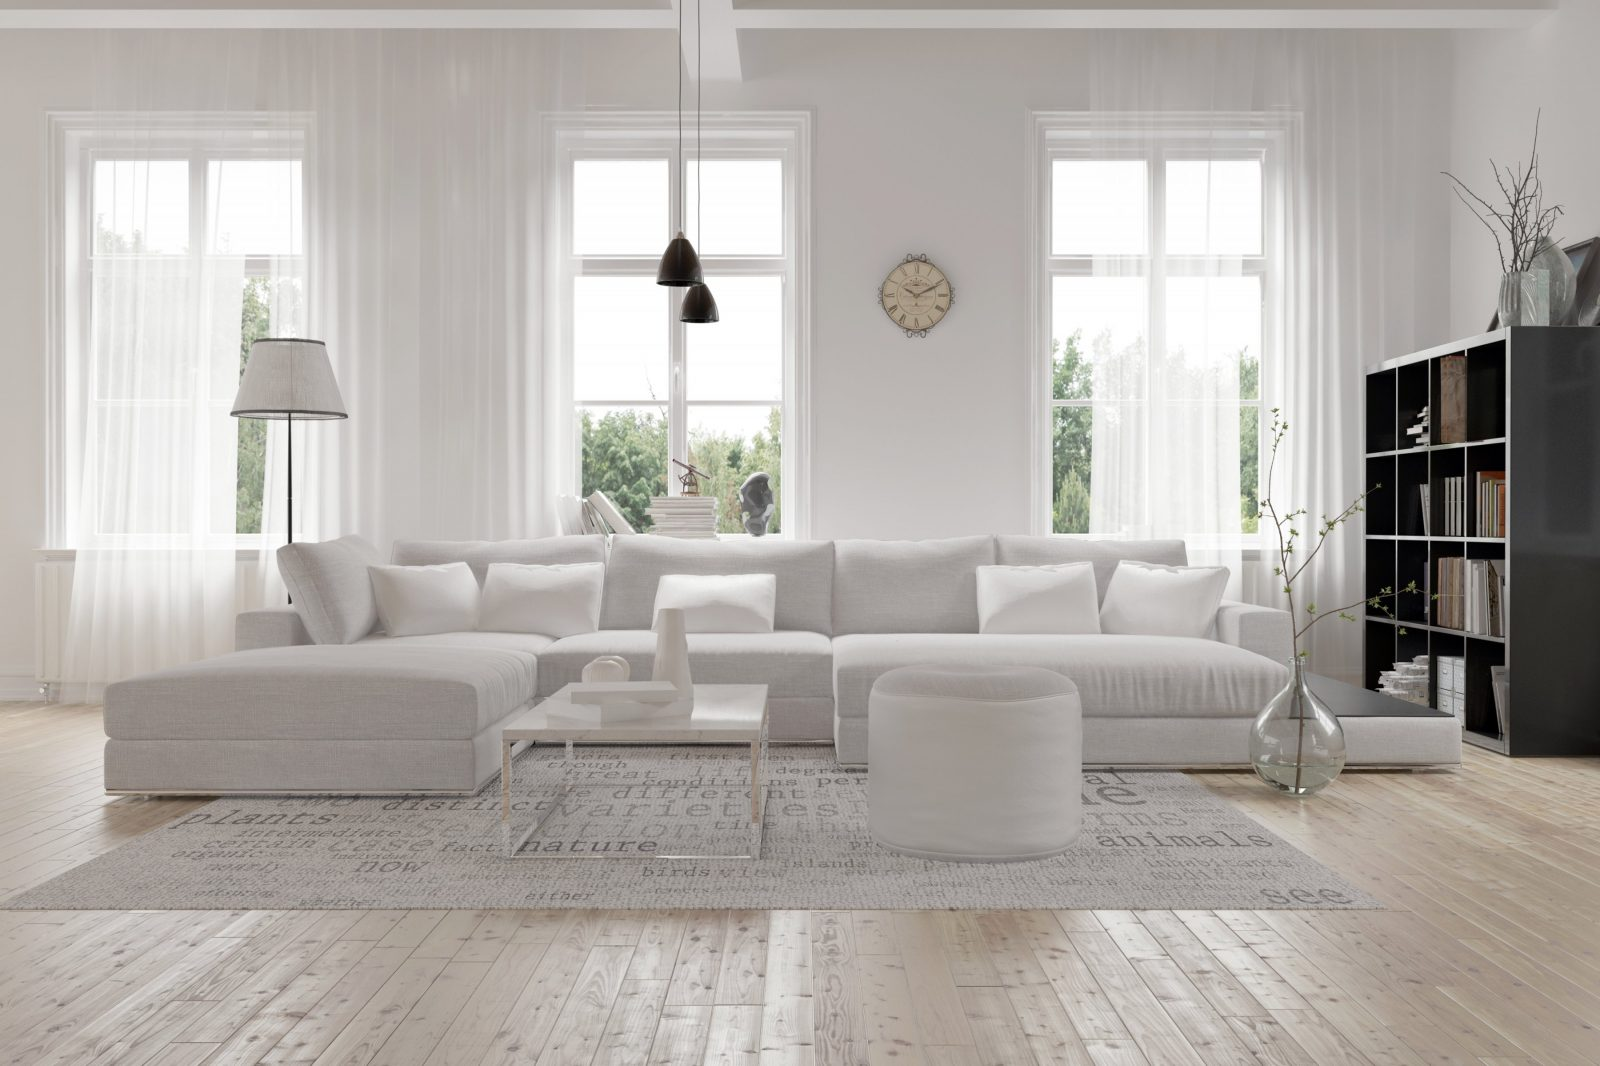 Weiße Möbel Kombinieren Mit Diesen 5 Ideen Klappt's von Wandfarbe Zu Weißen Möbeln Bild